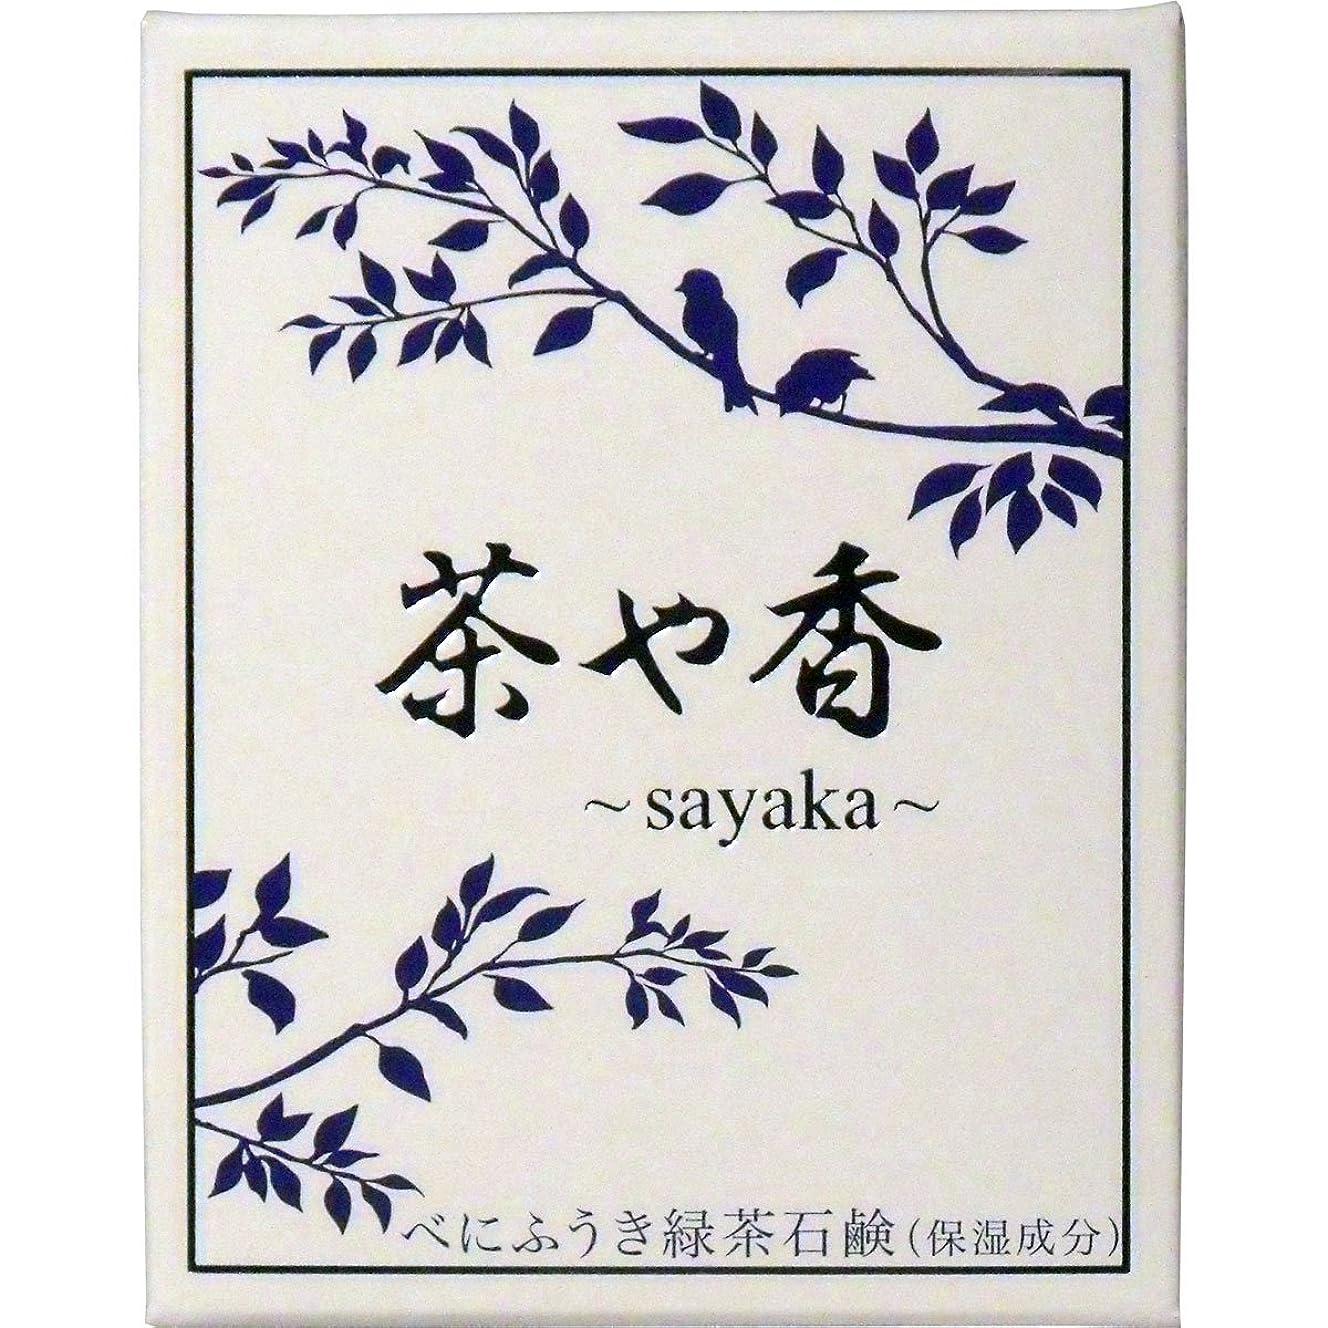 移動おばさんテロ茶や香 -sayaka- べにふうき緑茶石鹸 100g入